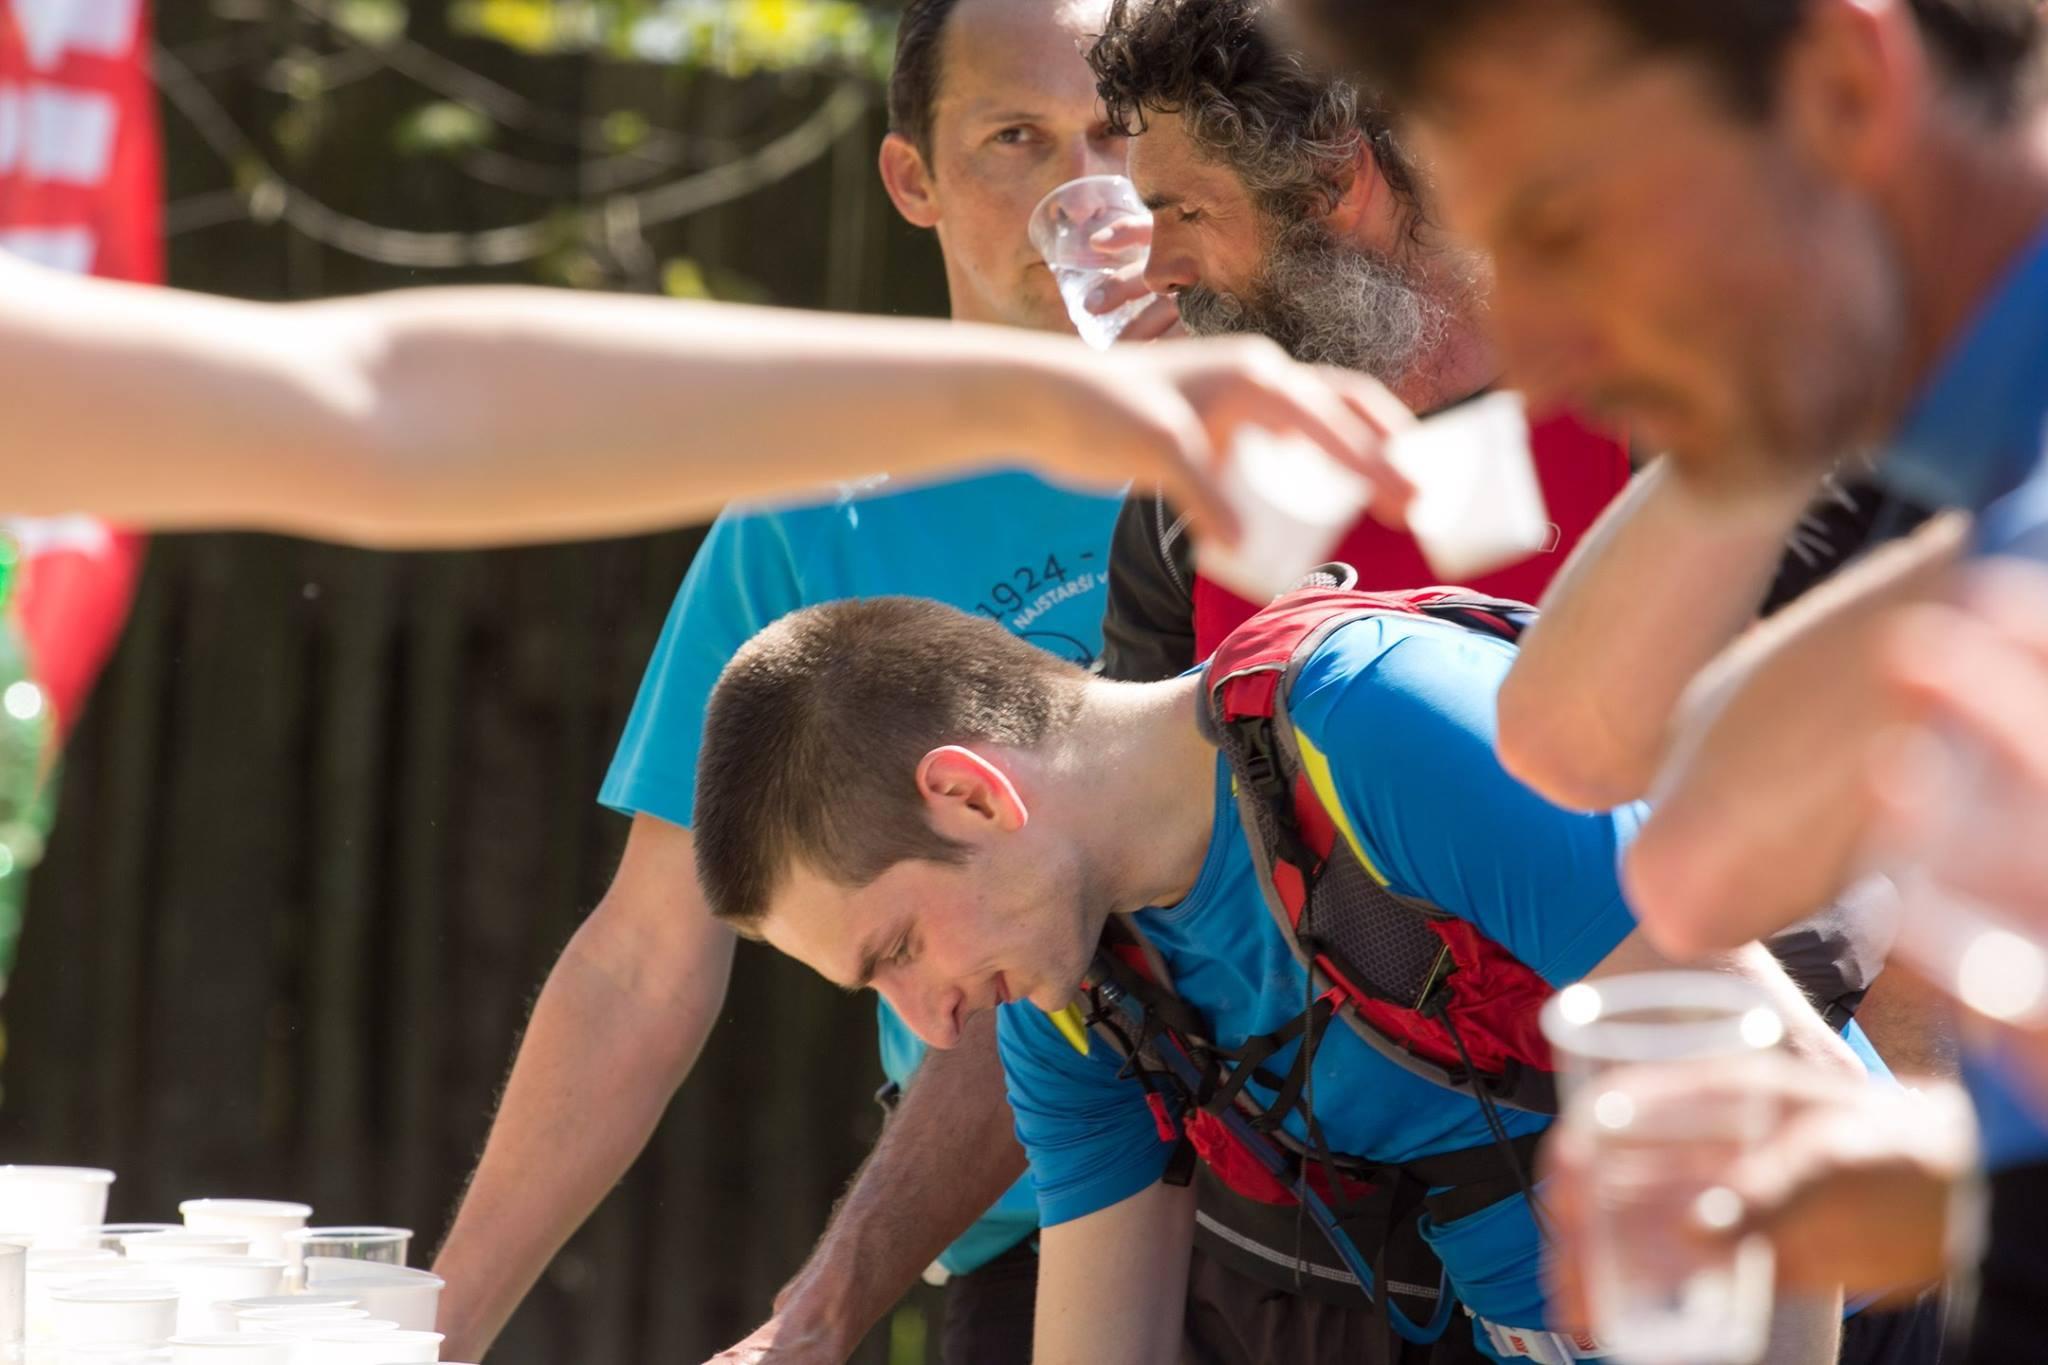 Expresky z hôr 58 - Cross country Baba-Kamzík potrebuje dobrovoľníkov, zdroj: FB page Slovak Ultra Trail